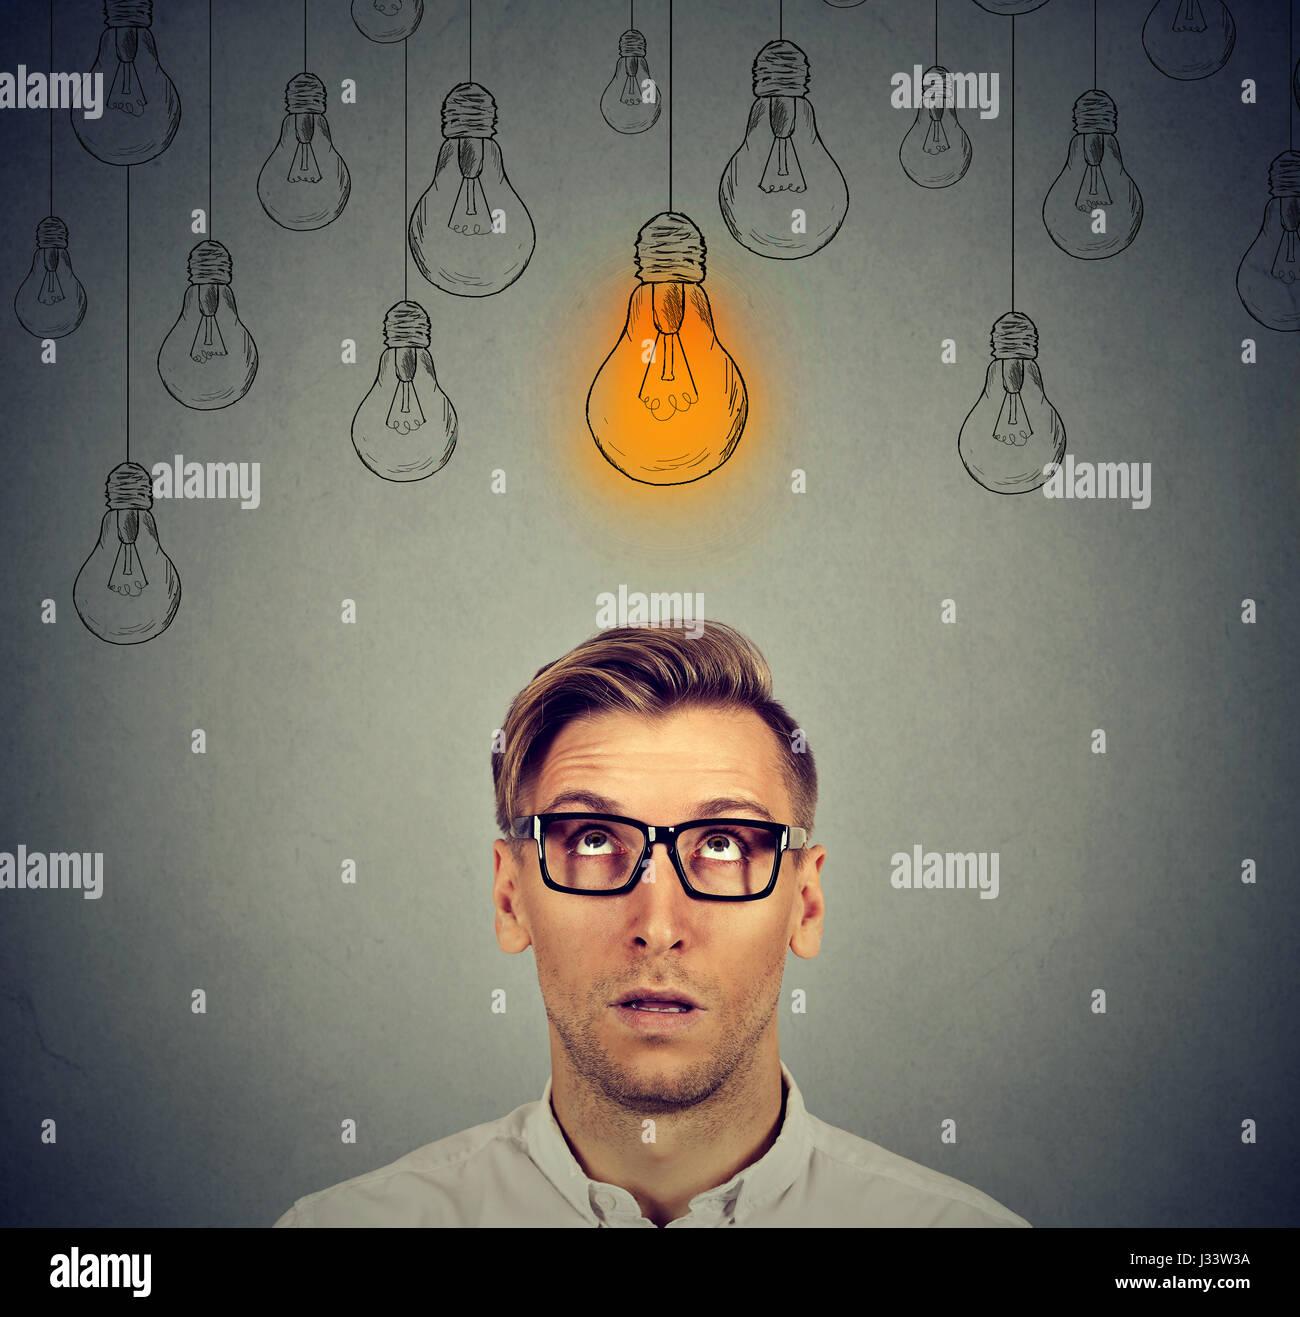 L'homme réfléchi dans les verres à la lumière de l'ampoule jusqu'à l'idée Photo Stock